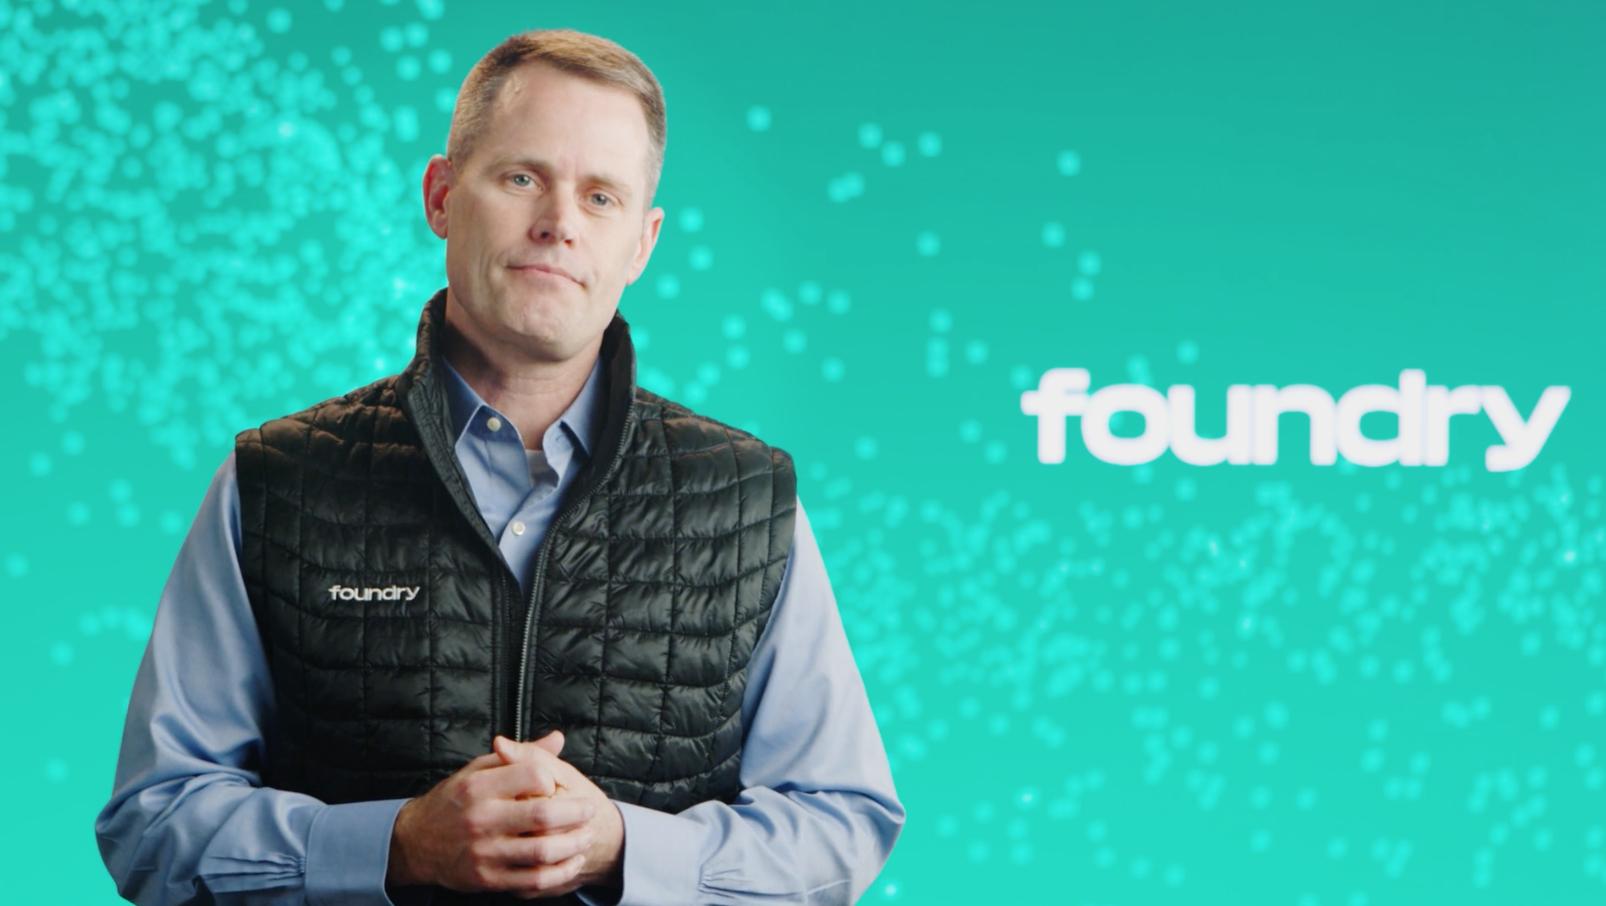 全球算力大会| Foundry(DCG)首席执行官Michael Colyer:国家、能源公司、主权财富基金未来将成为比特币挖矿的新型参与者